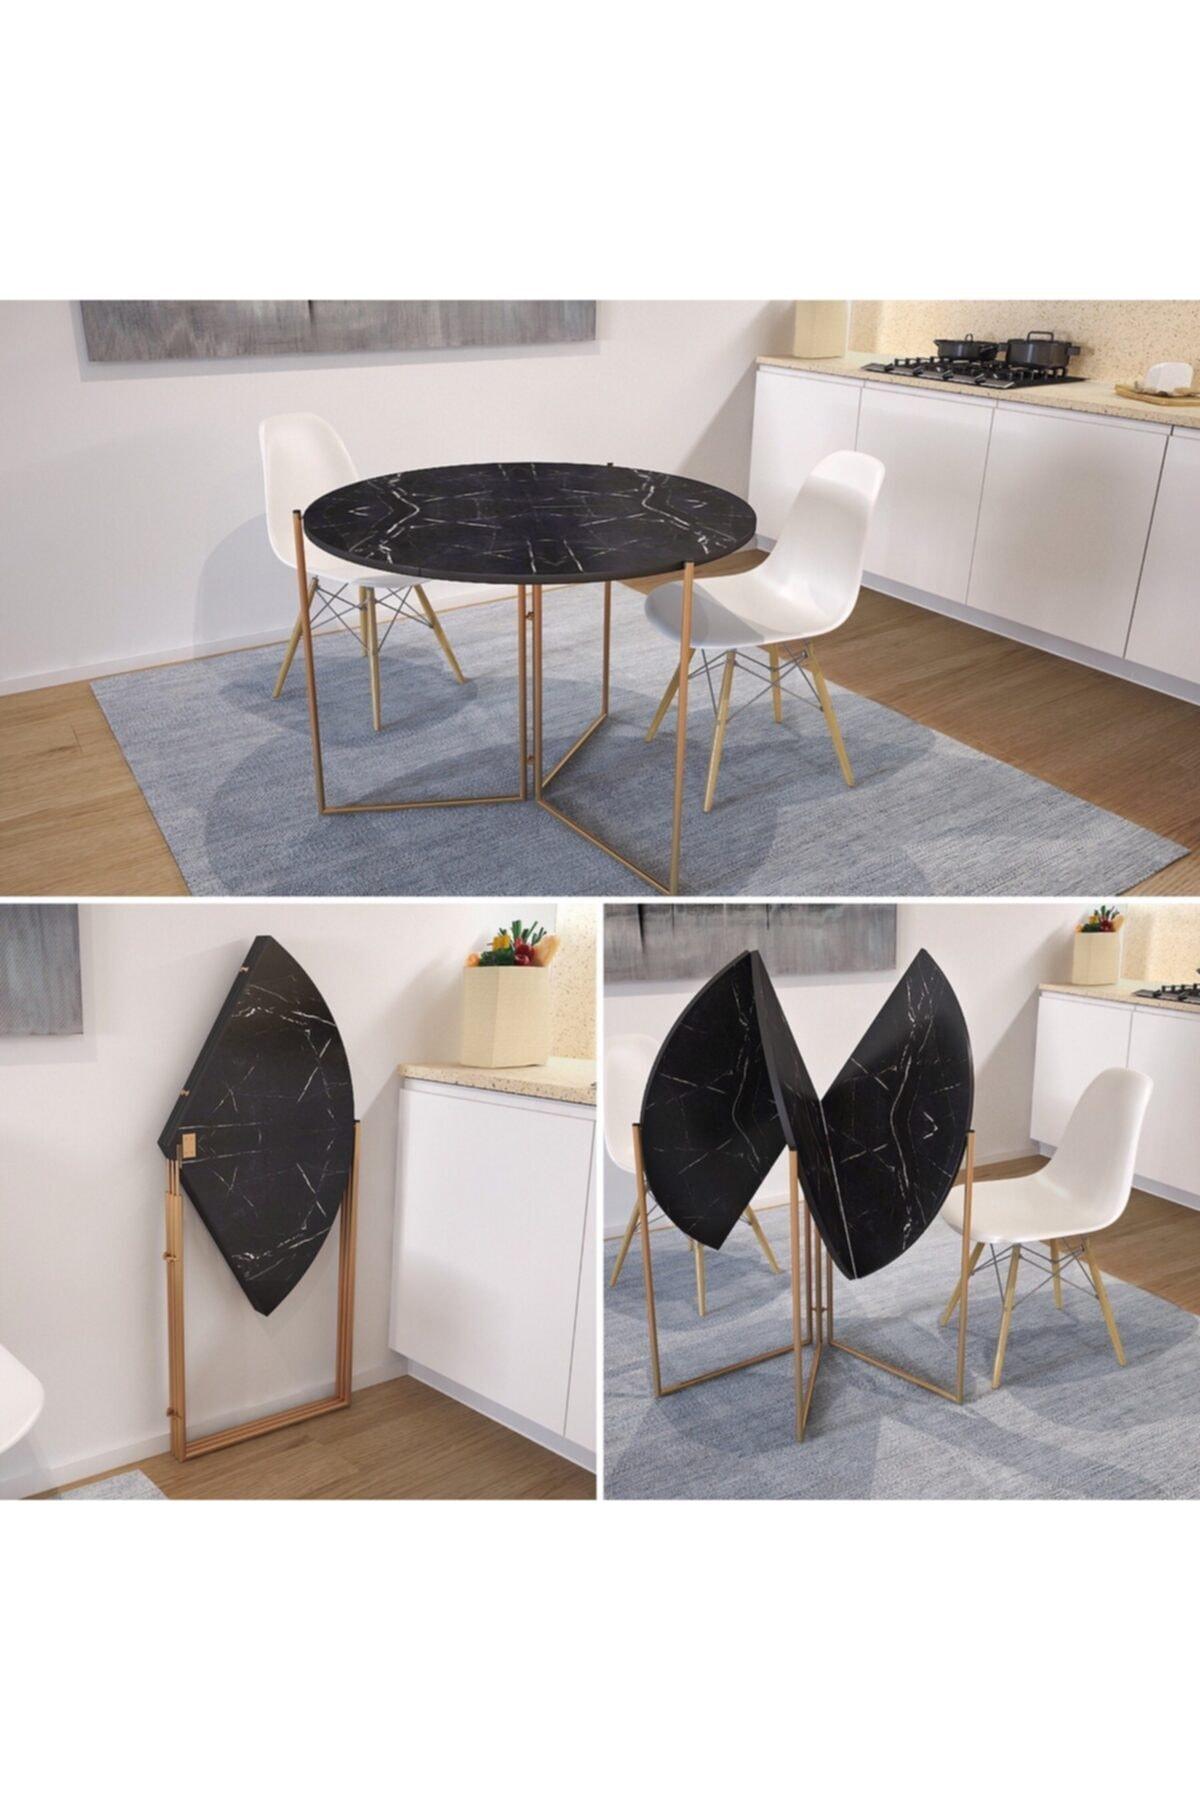 طاولة طعام قابلة للطي تصميم خاص طاولة طعام 80 سنتيمتر